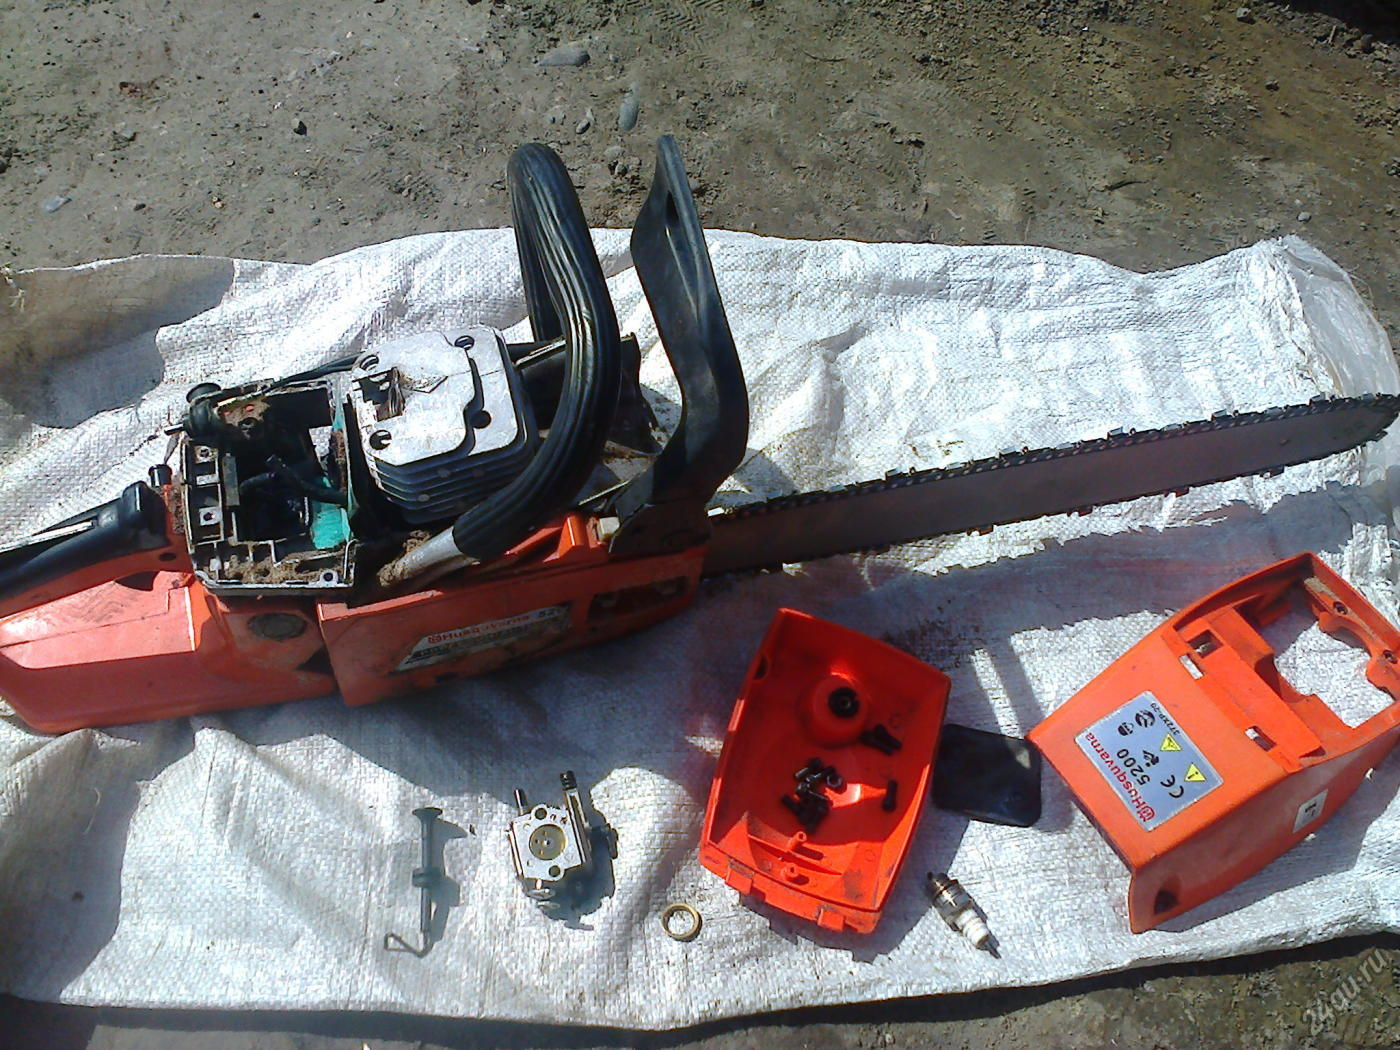 Бензопила chainsaw 5200 инструкция по эксплуатации - moy-instrument.ru - обзор инструмента и техники